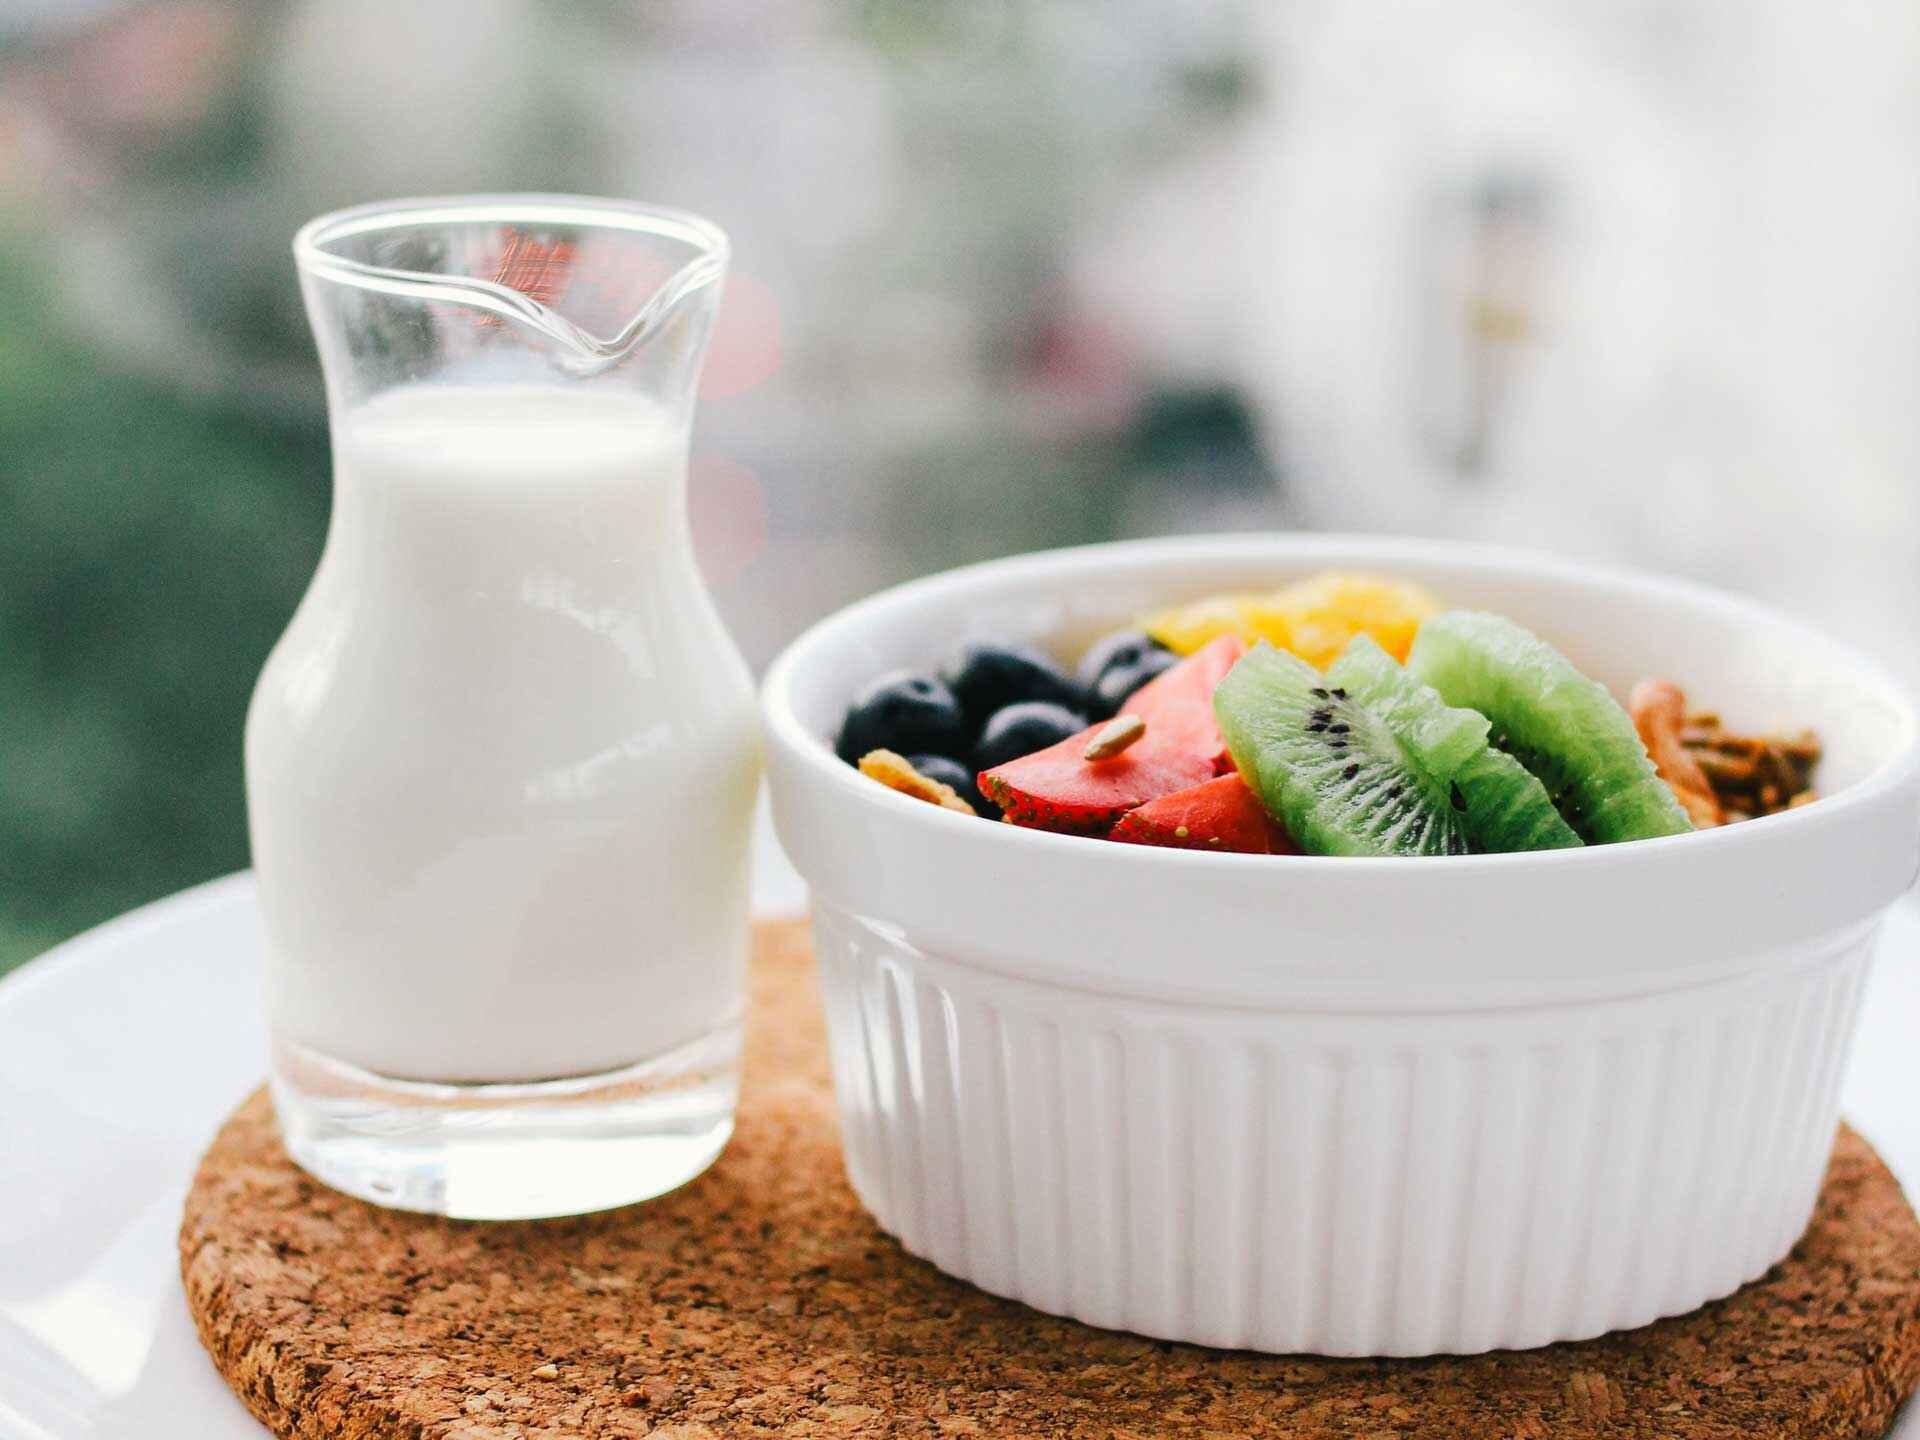 Можно ли пить кефир во время грудного вскармливания в первые месяцы?